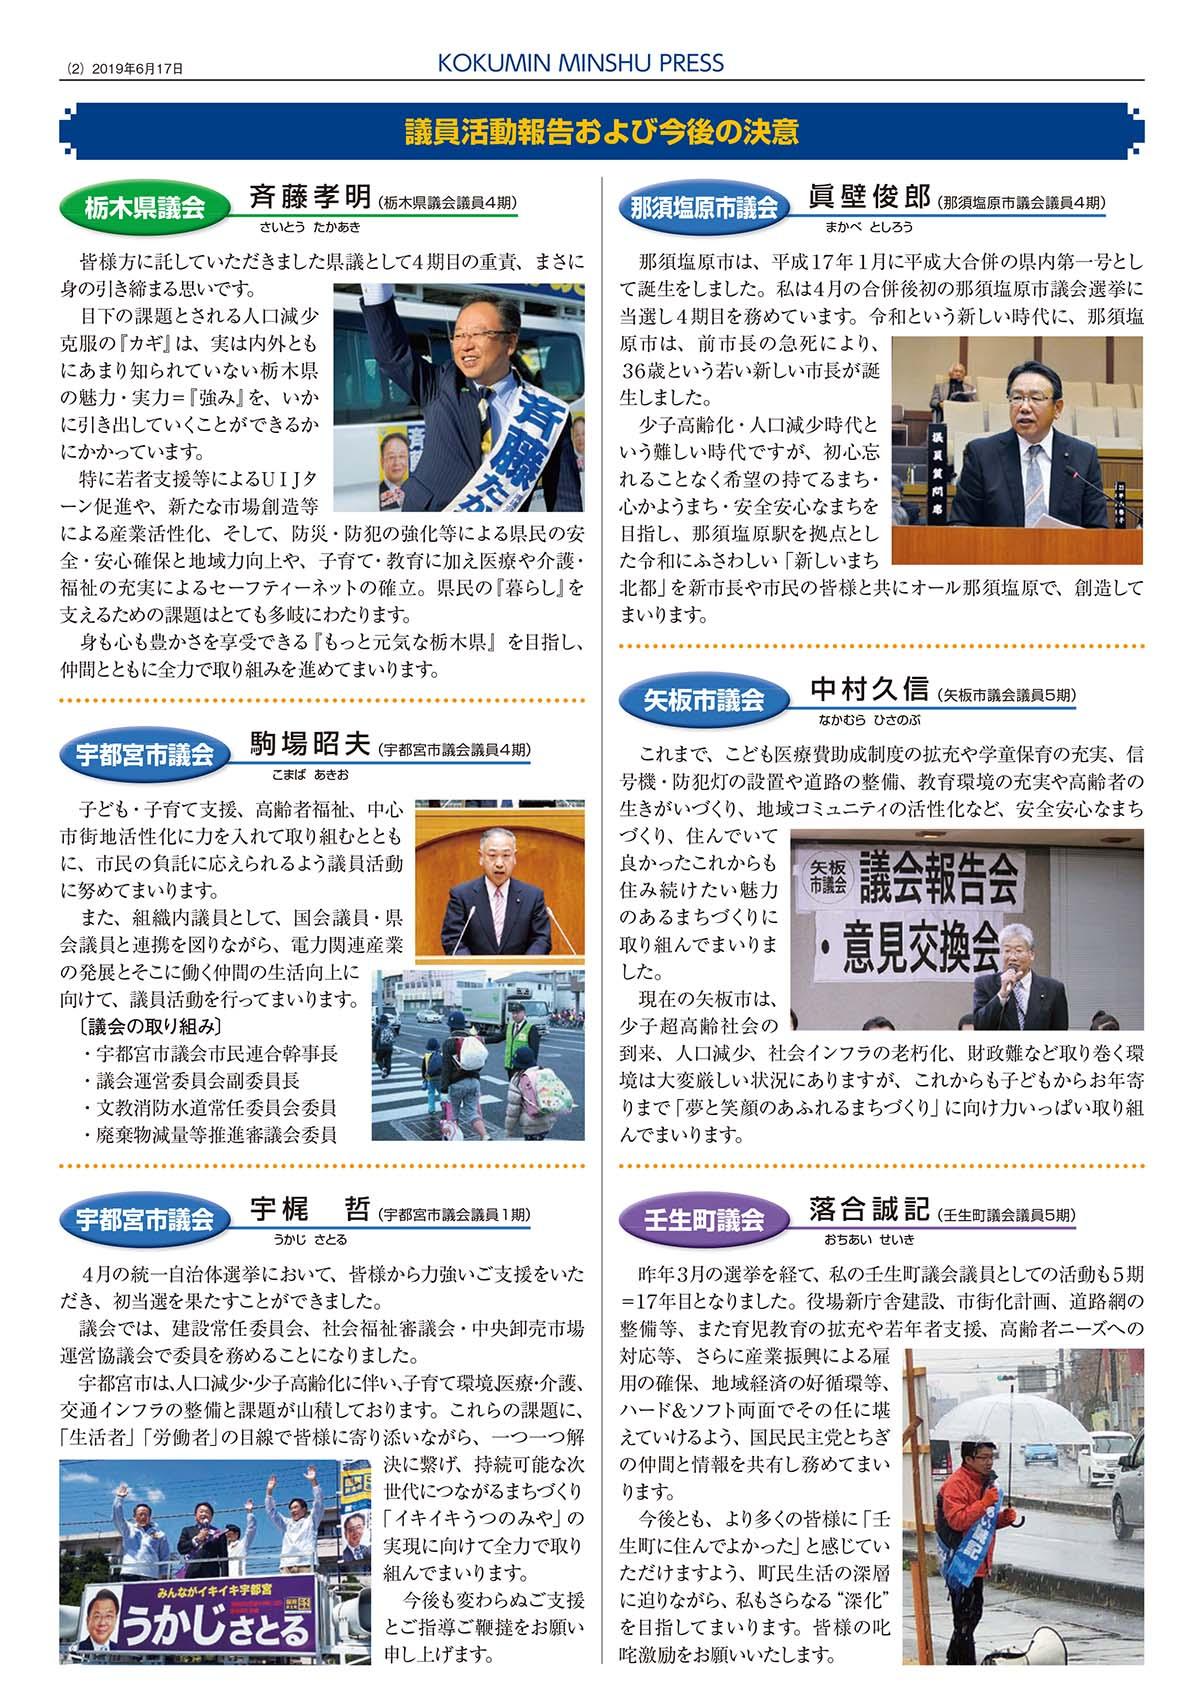 国民民主プレスとちぎ_6月号-2